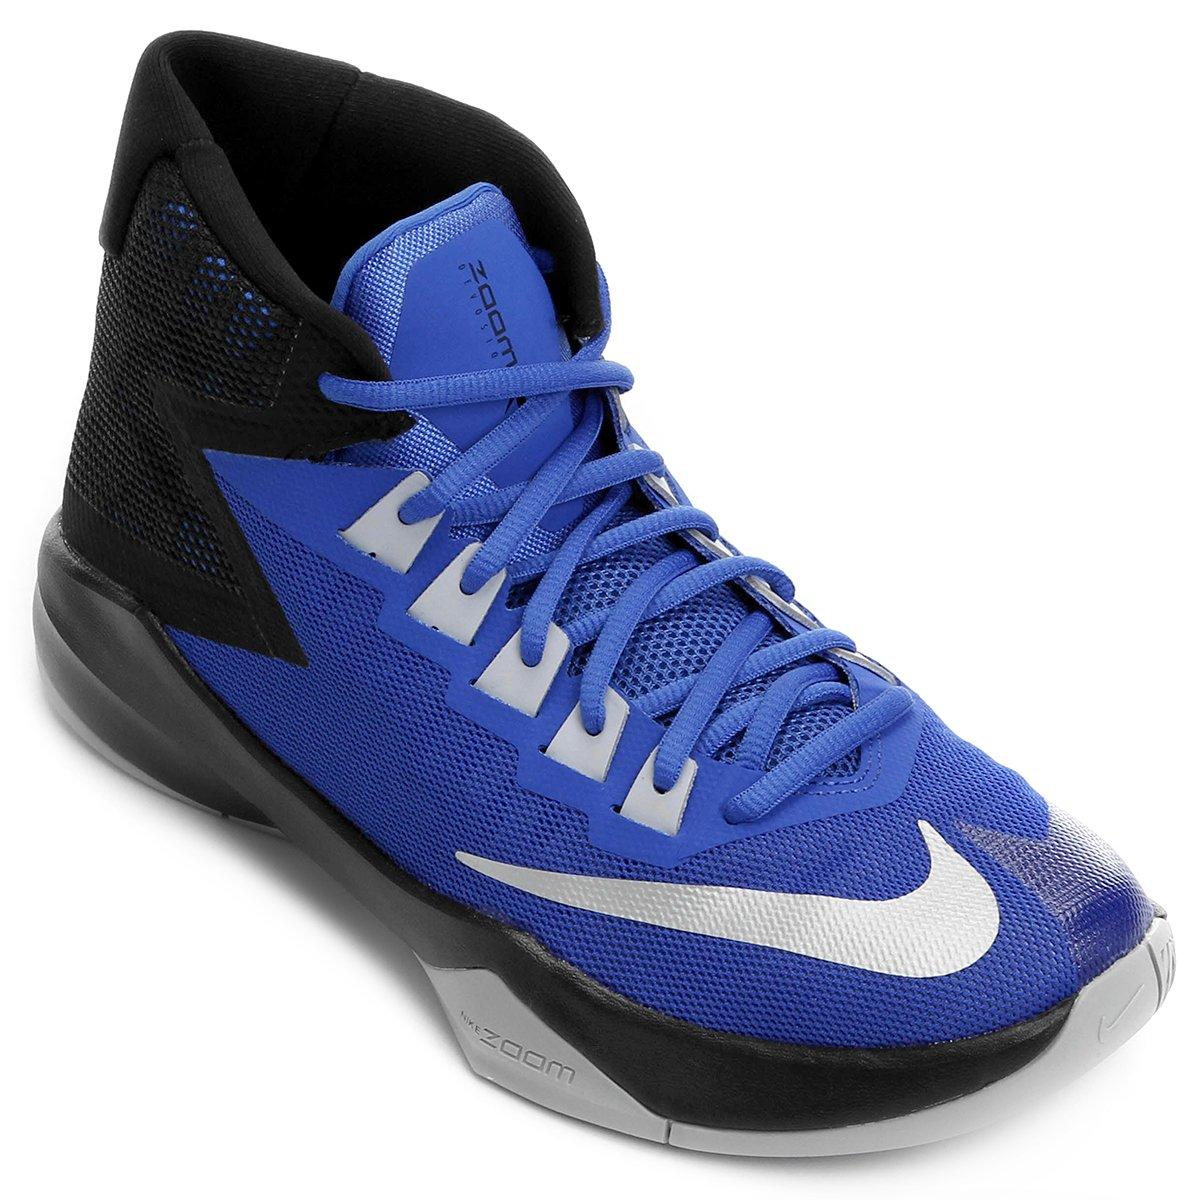 e91888e8a5f Tênis Nike Zoom Devosion - Azul e Preto - Compre Agora